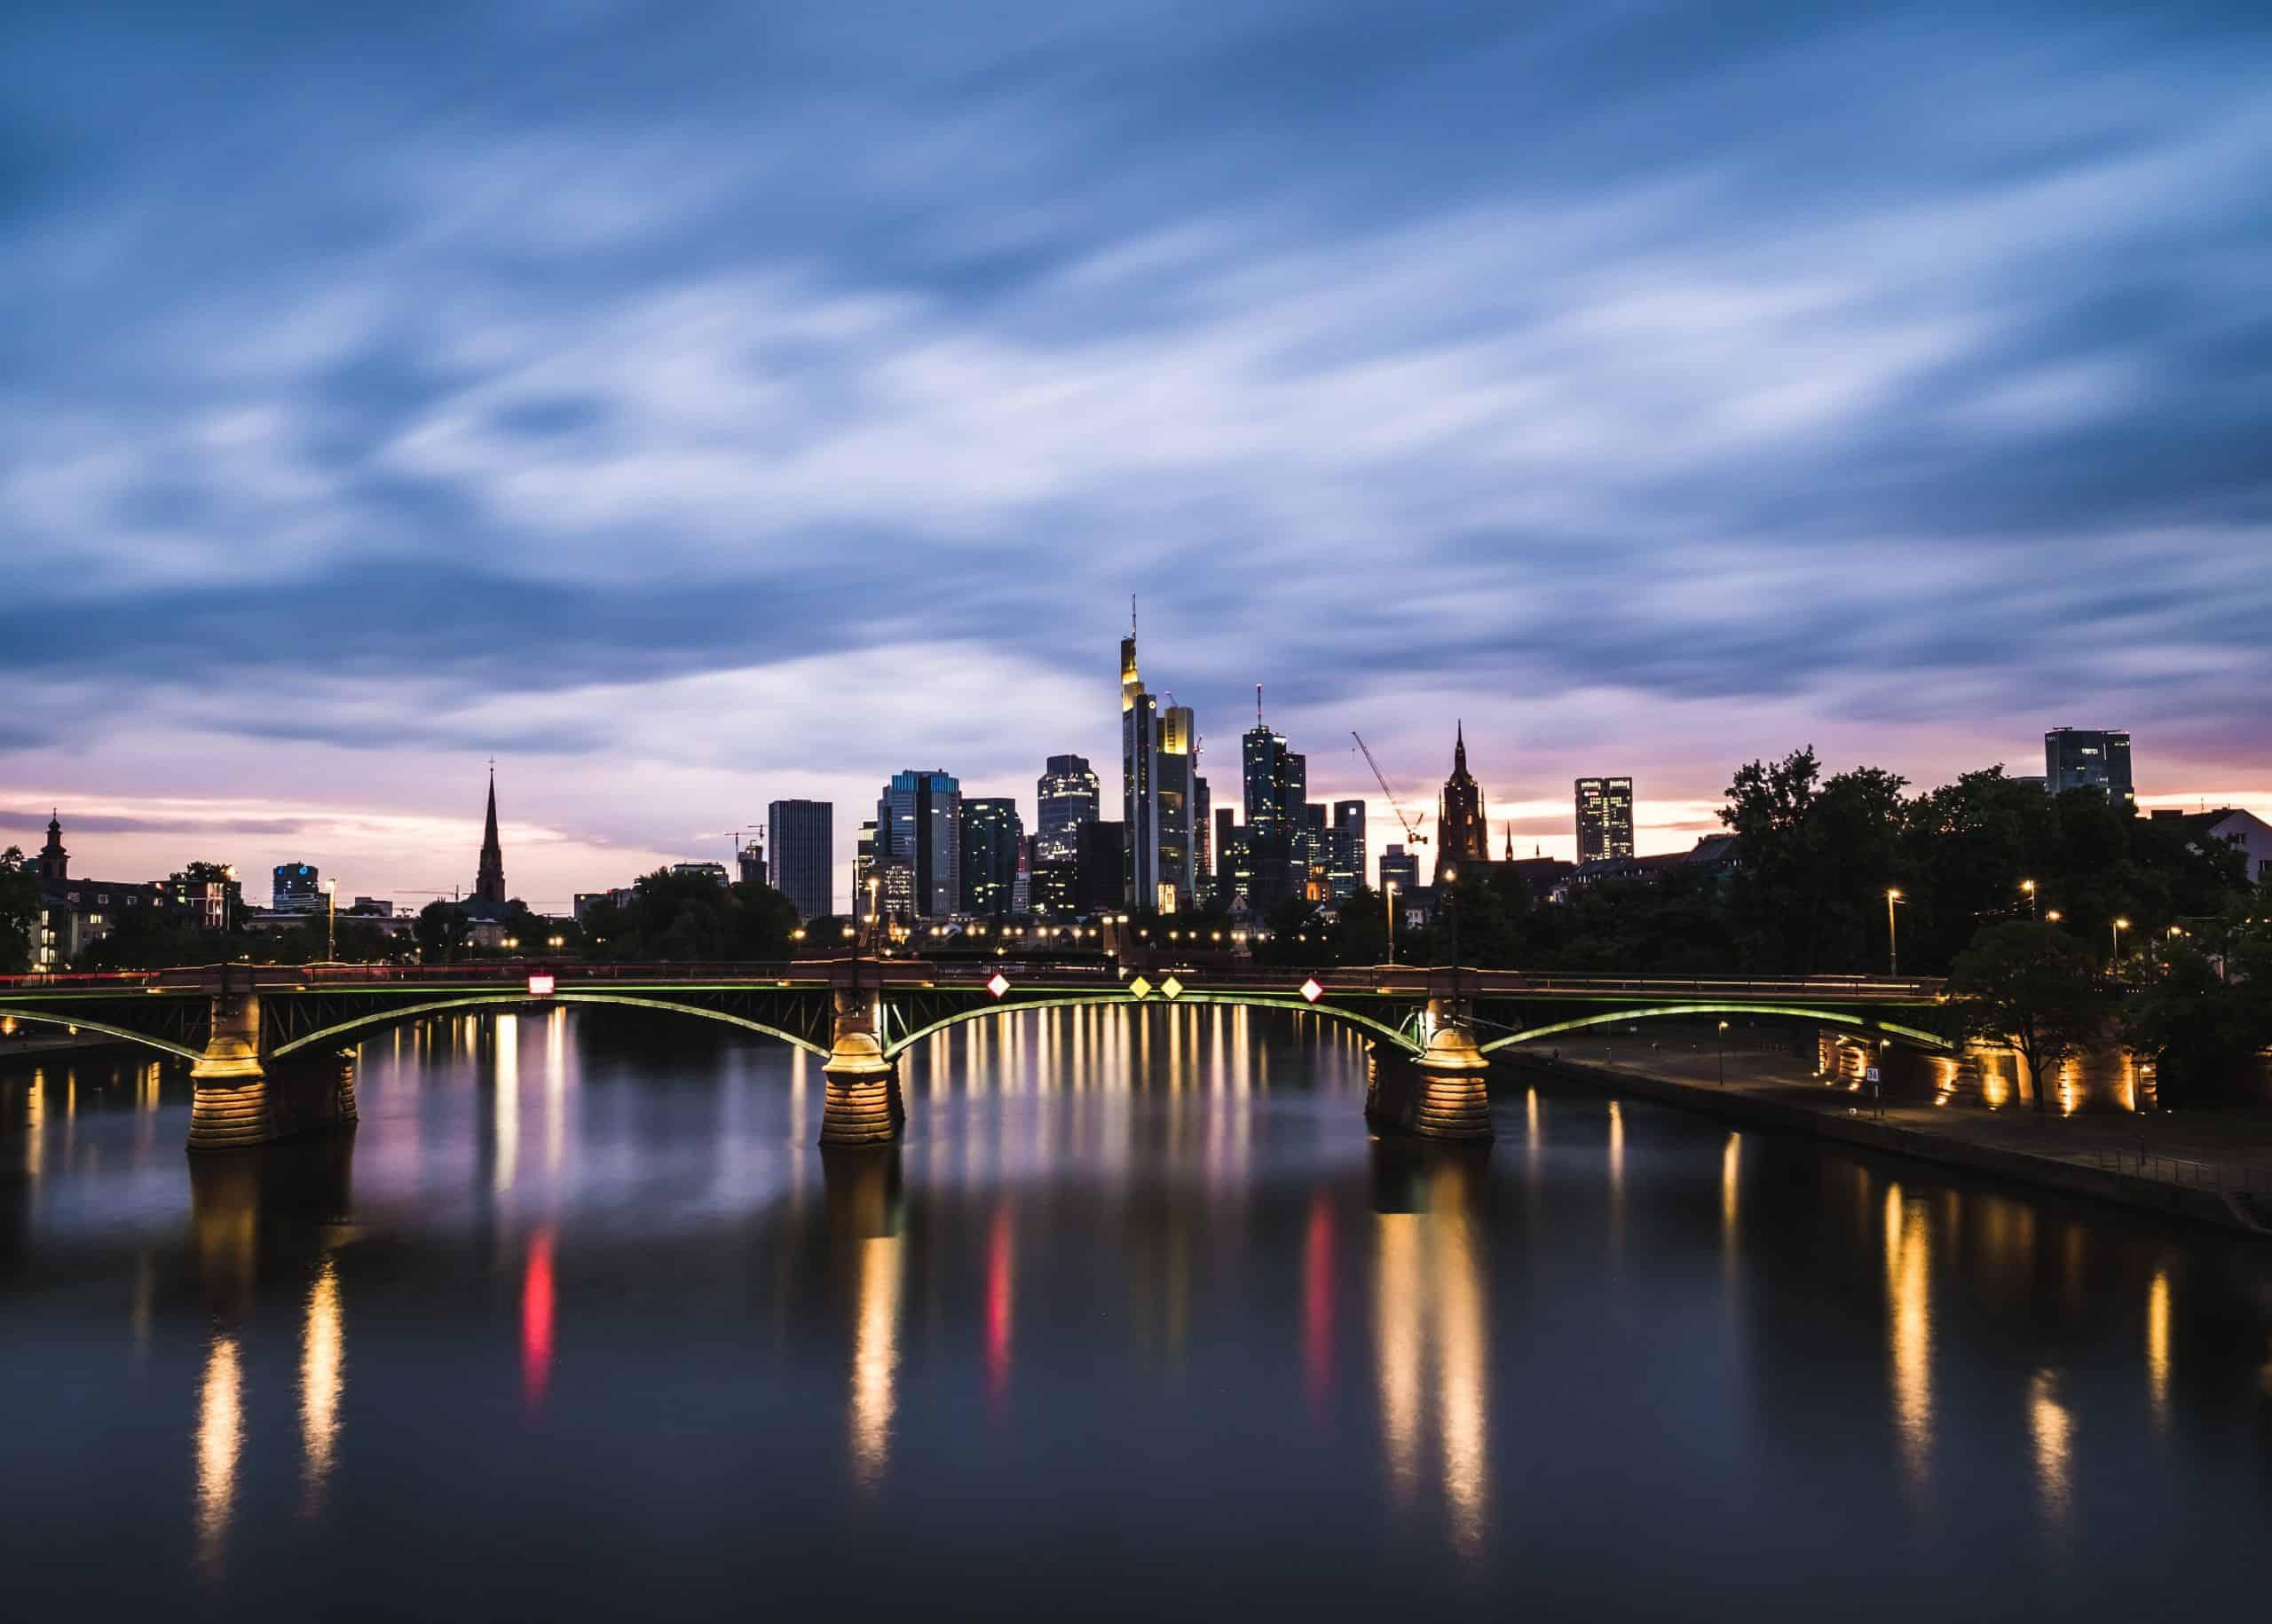 Liste der 3 größten privaten Wohnungsunternehmen in Deutschland